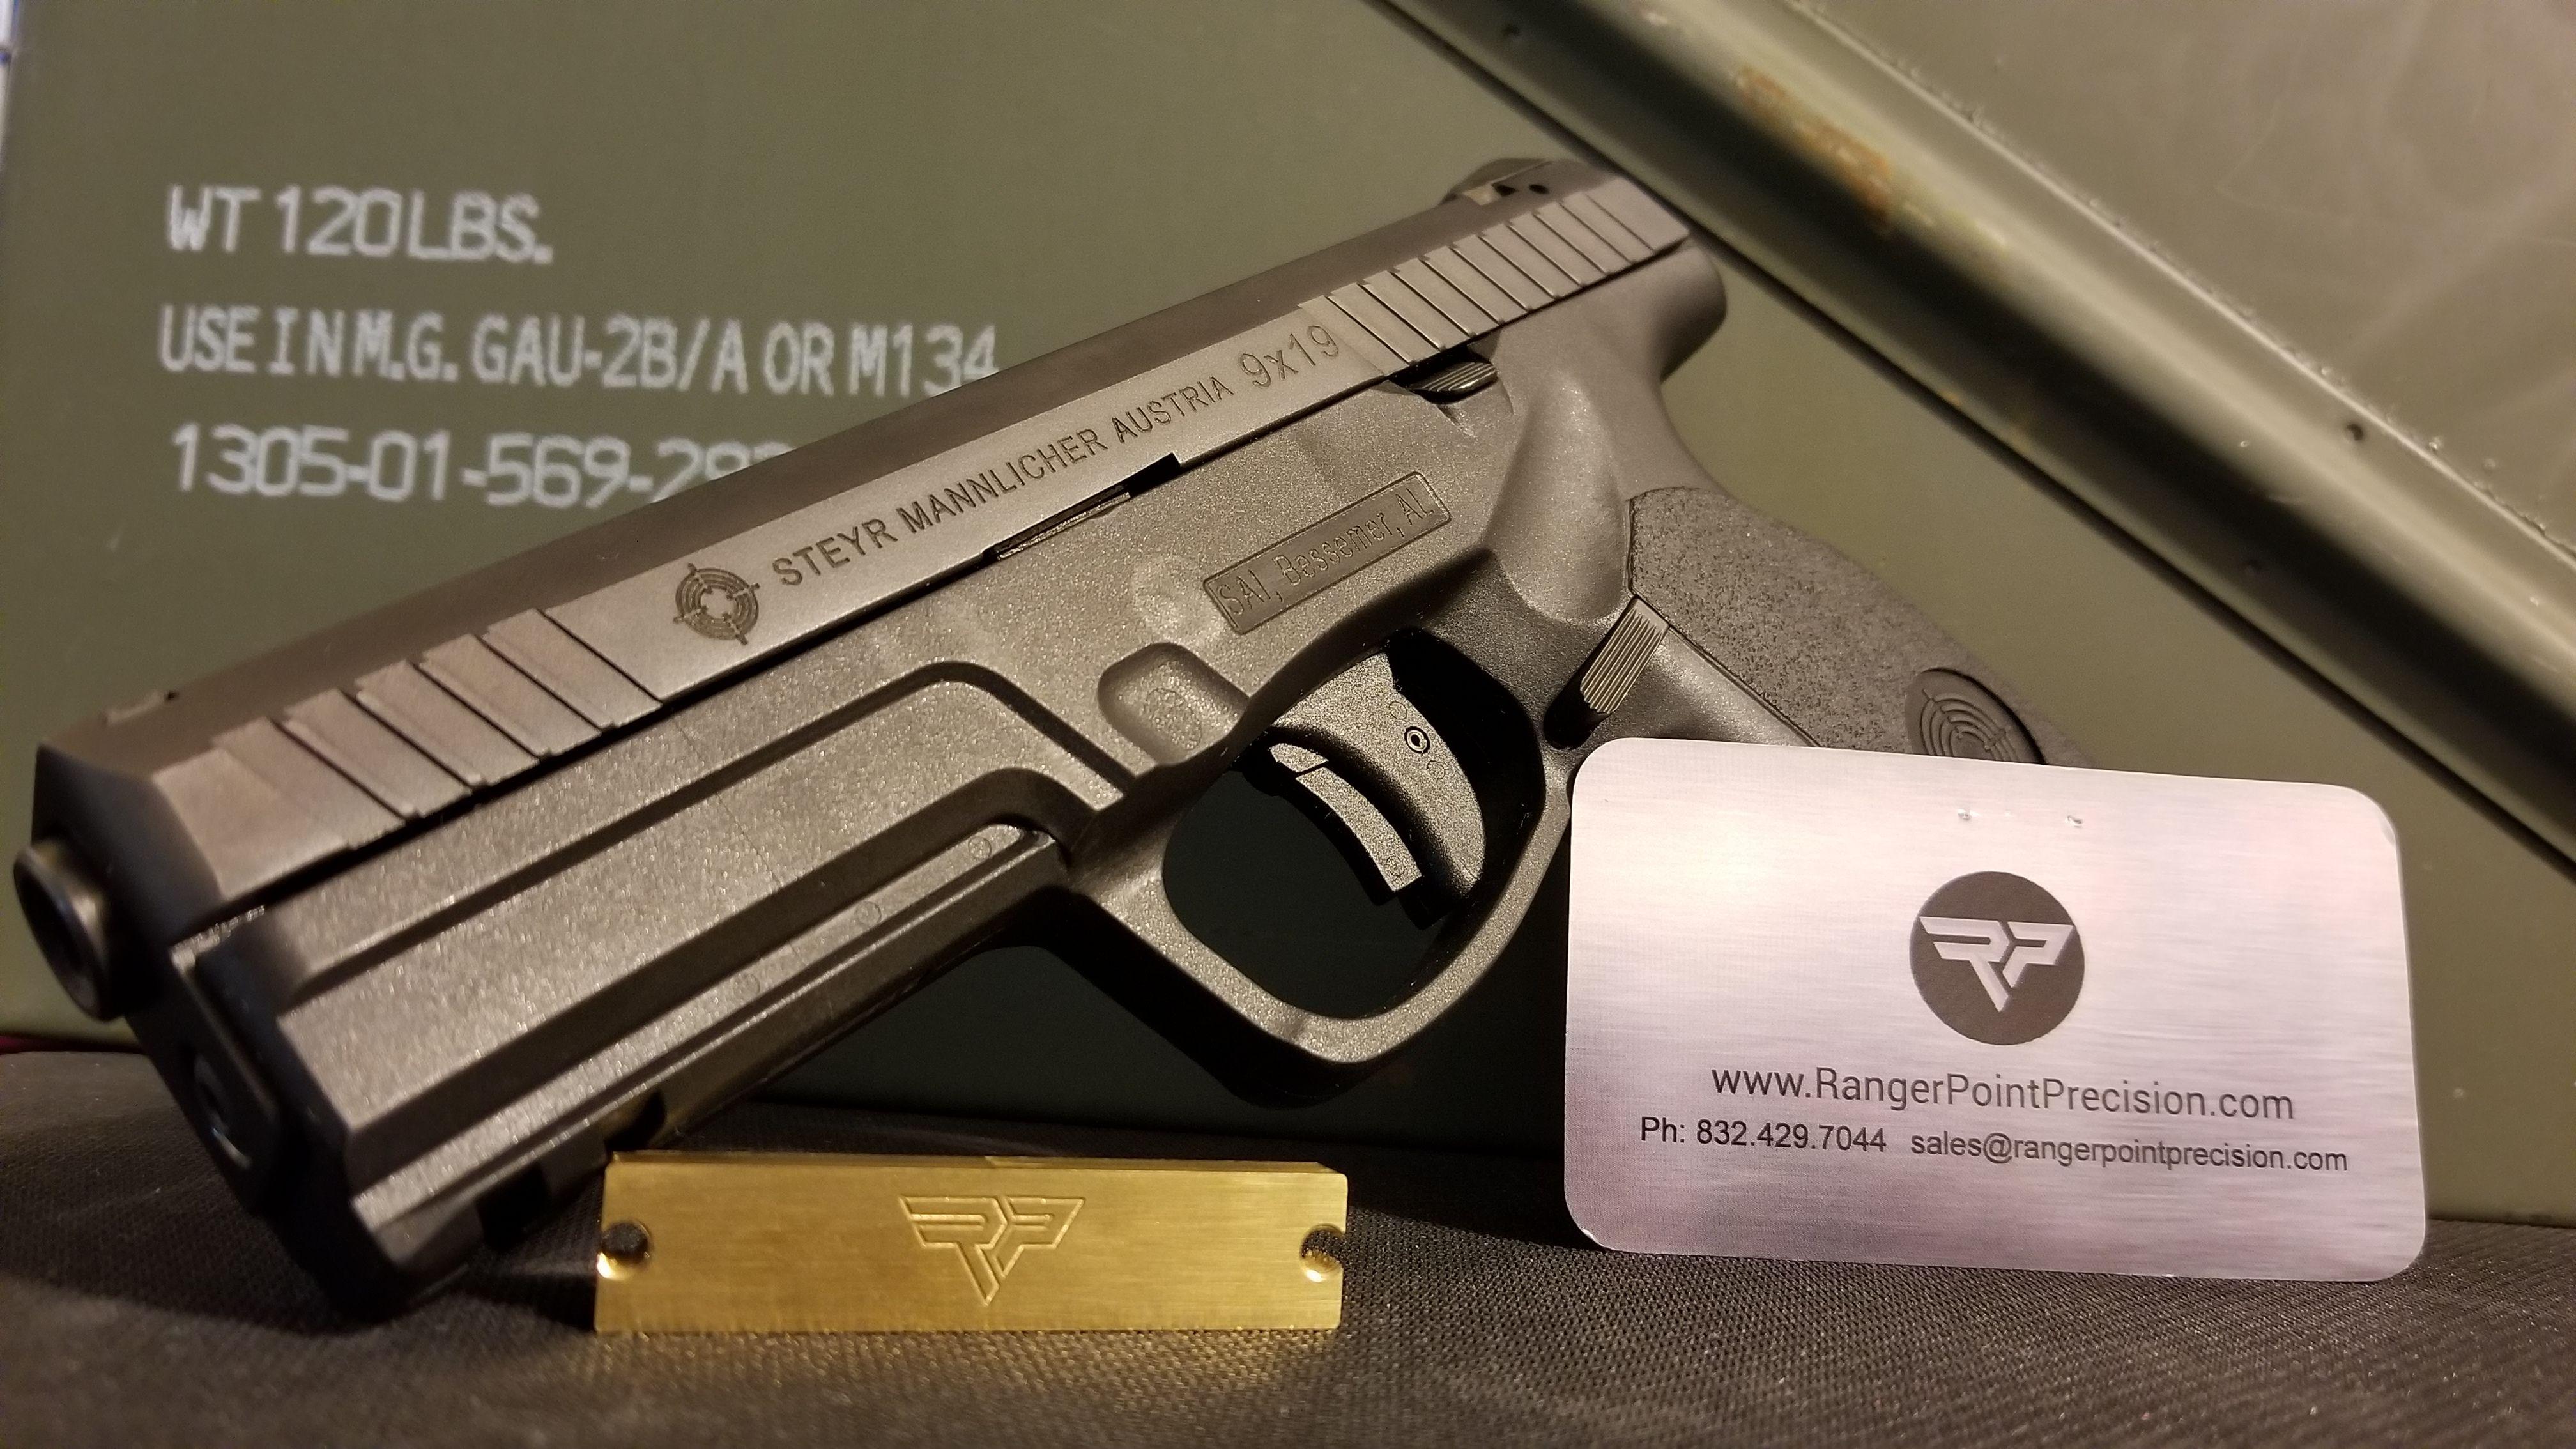 Steyr Pistols Brass Weights to Reduce Muzzle Flip